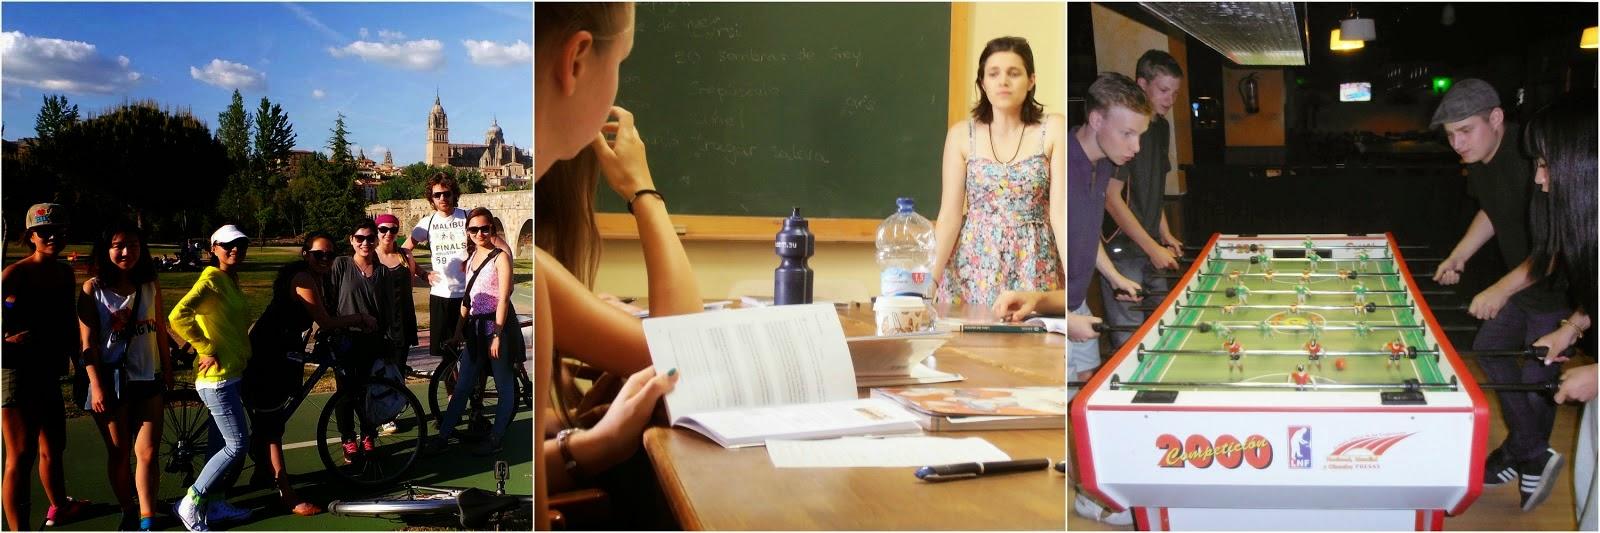 Actividades extraescolares en Tía Tula Colegio de Español, Salamanca, España